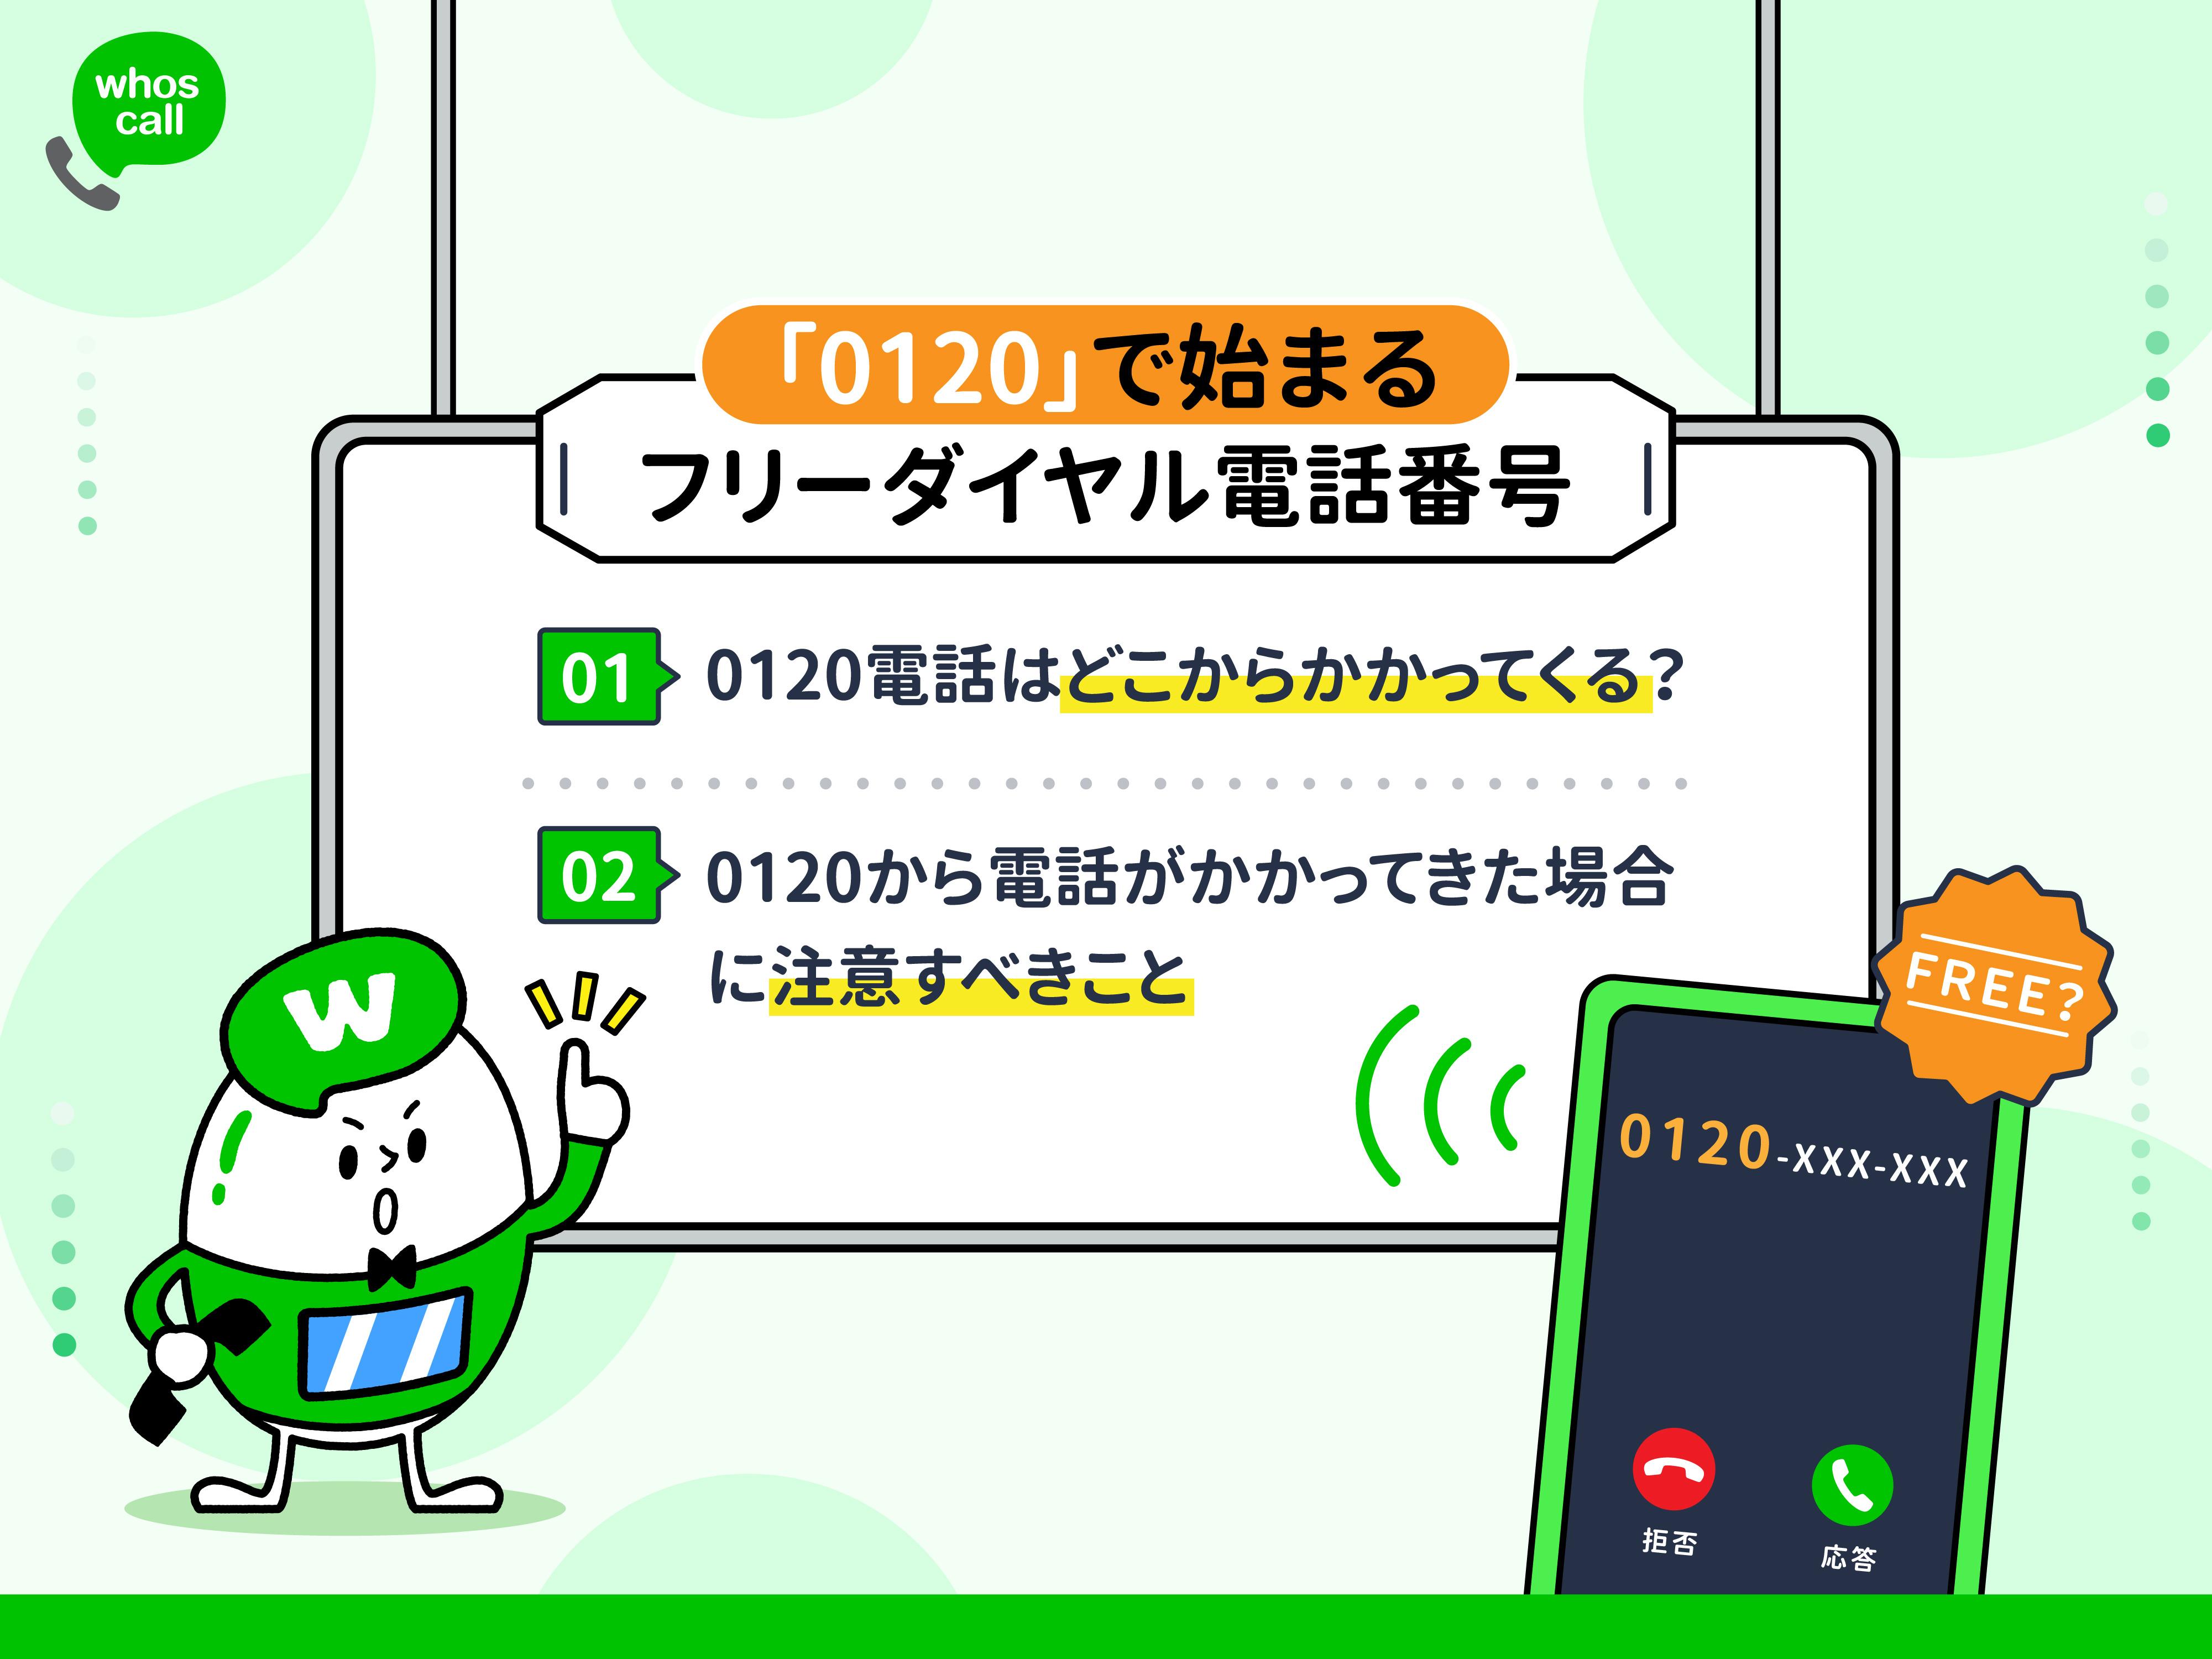 0120で始まるフリーダイヤル|0120電話はどこからかかってくる?0120から電話がかかってきた場合に注意すべきこと